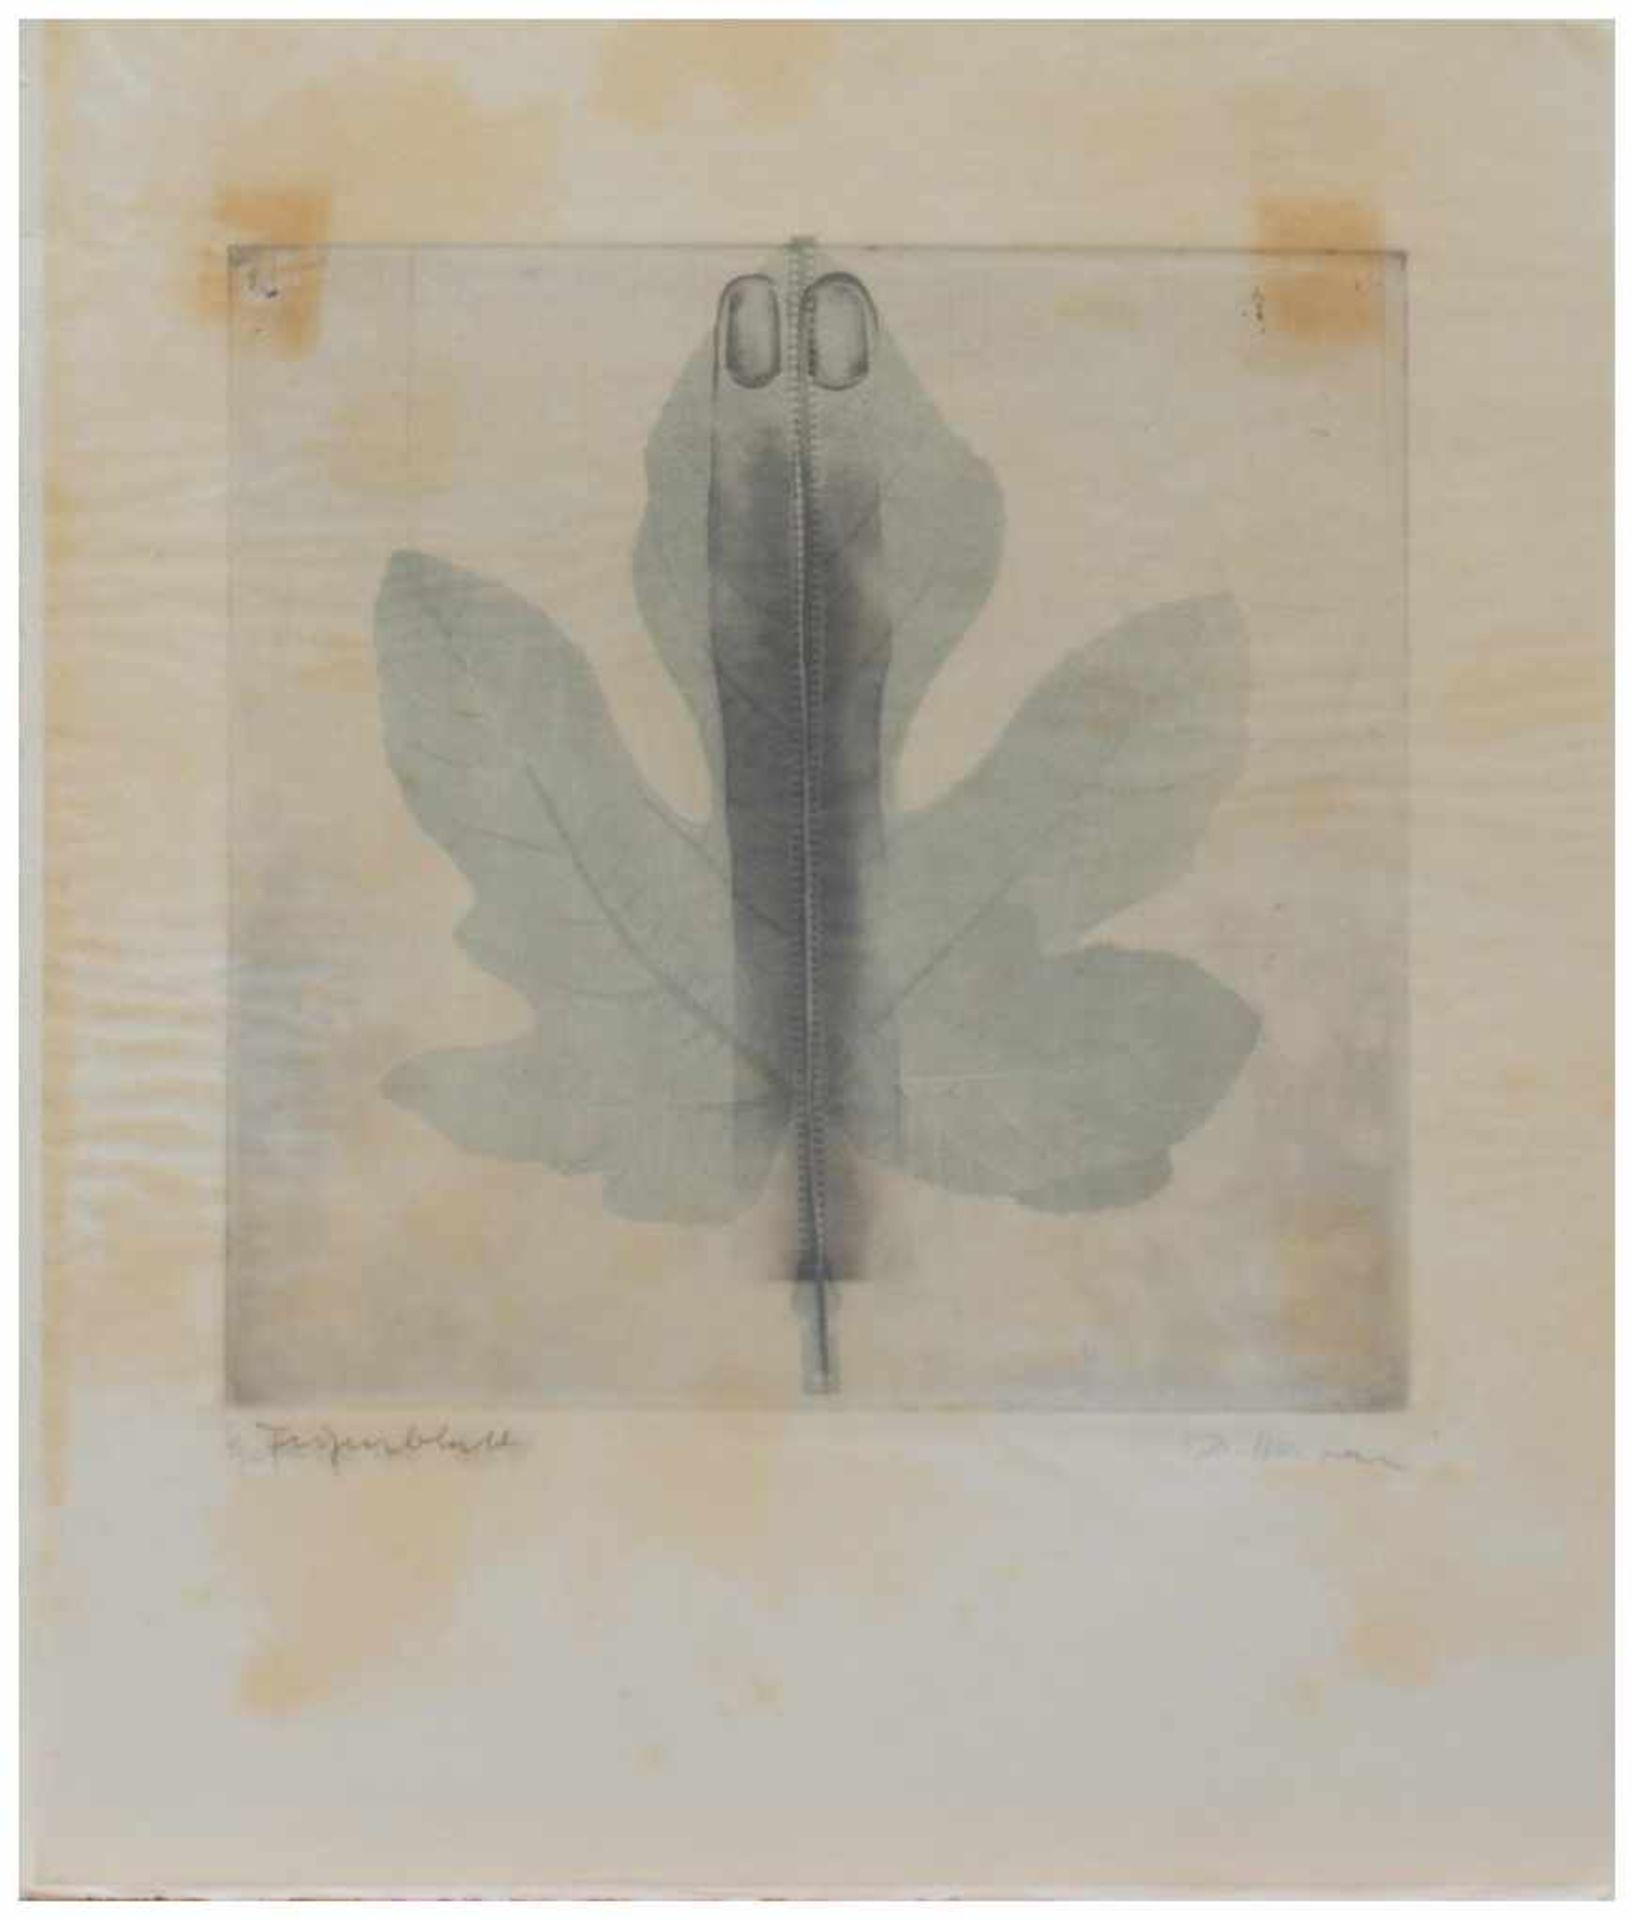 Los 29 - Dörte Härten (1937 - ?, deutsche Grafikerin u. Zeichnerin) Gefingertes Blatt Fotomontage/ Original